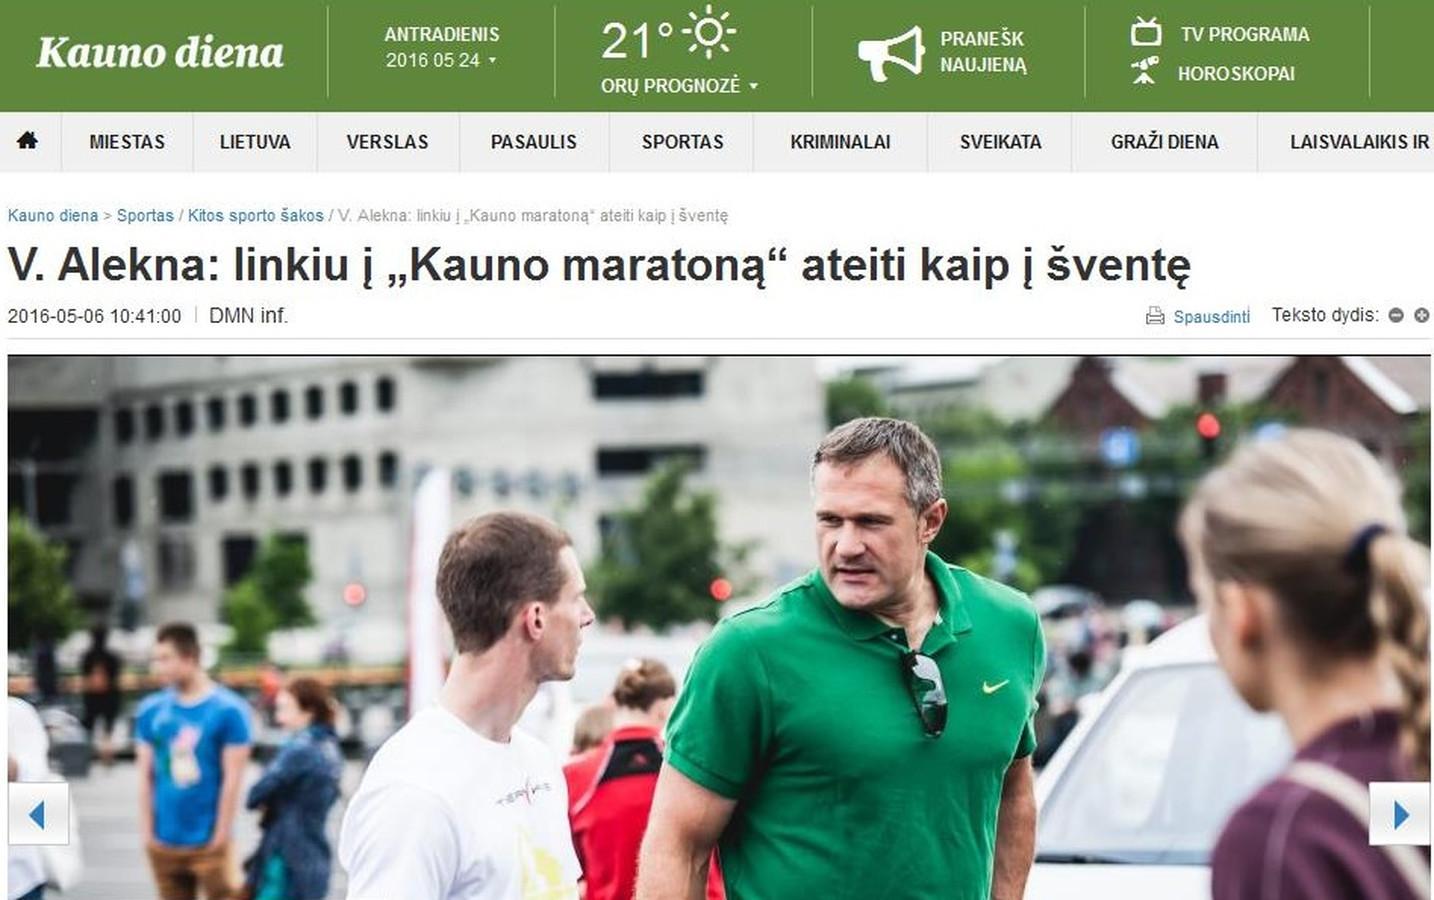 """Kauno maratonas dienraštyje """"Kauno diena""""."""